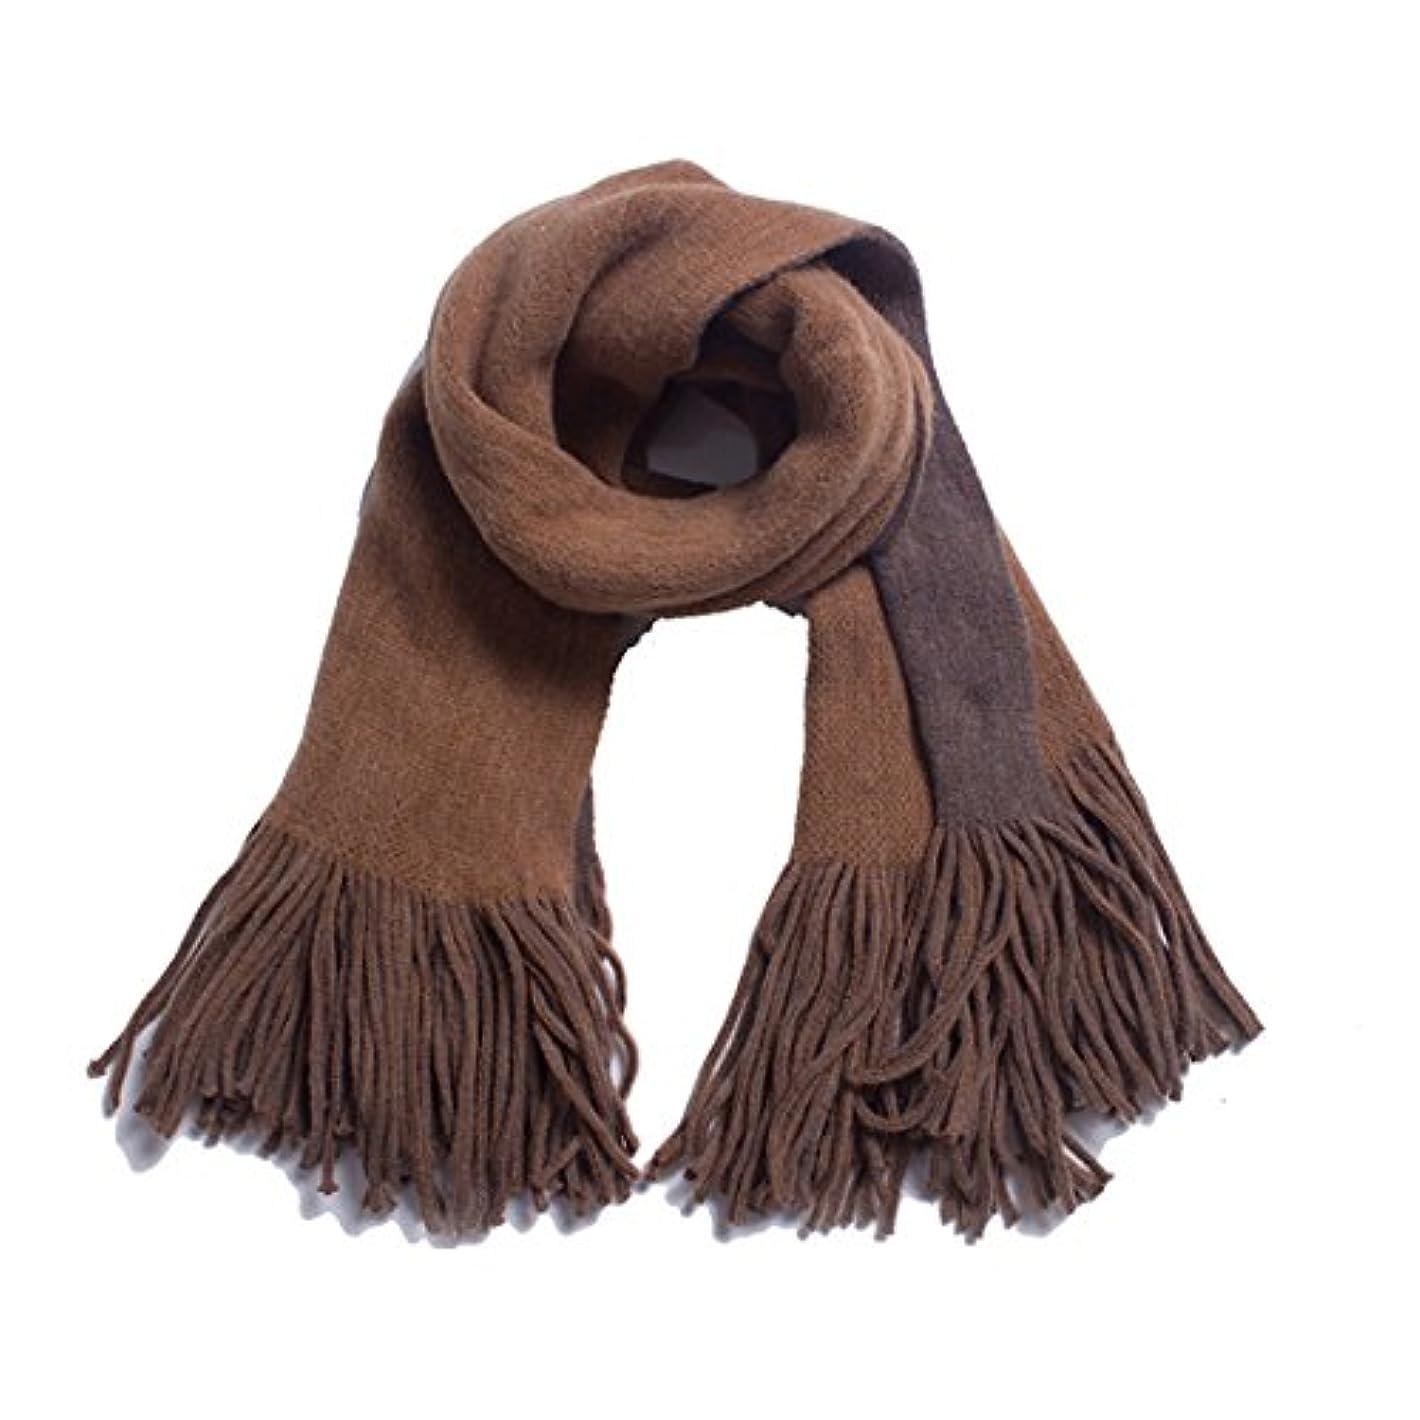 ポンプ敵意受粉者KTYX 厚みのある暖かい大きなショールを増やすために縁取られた両面ソリッドカラーのスカーフ模造ウール スカーフ